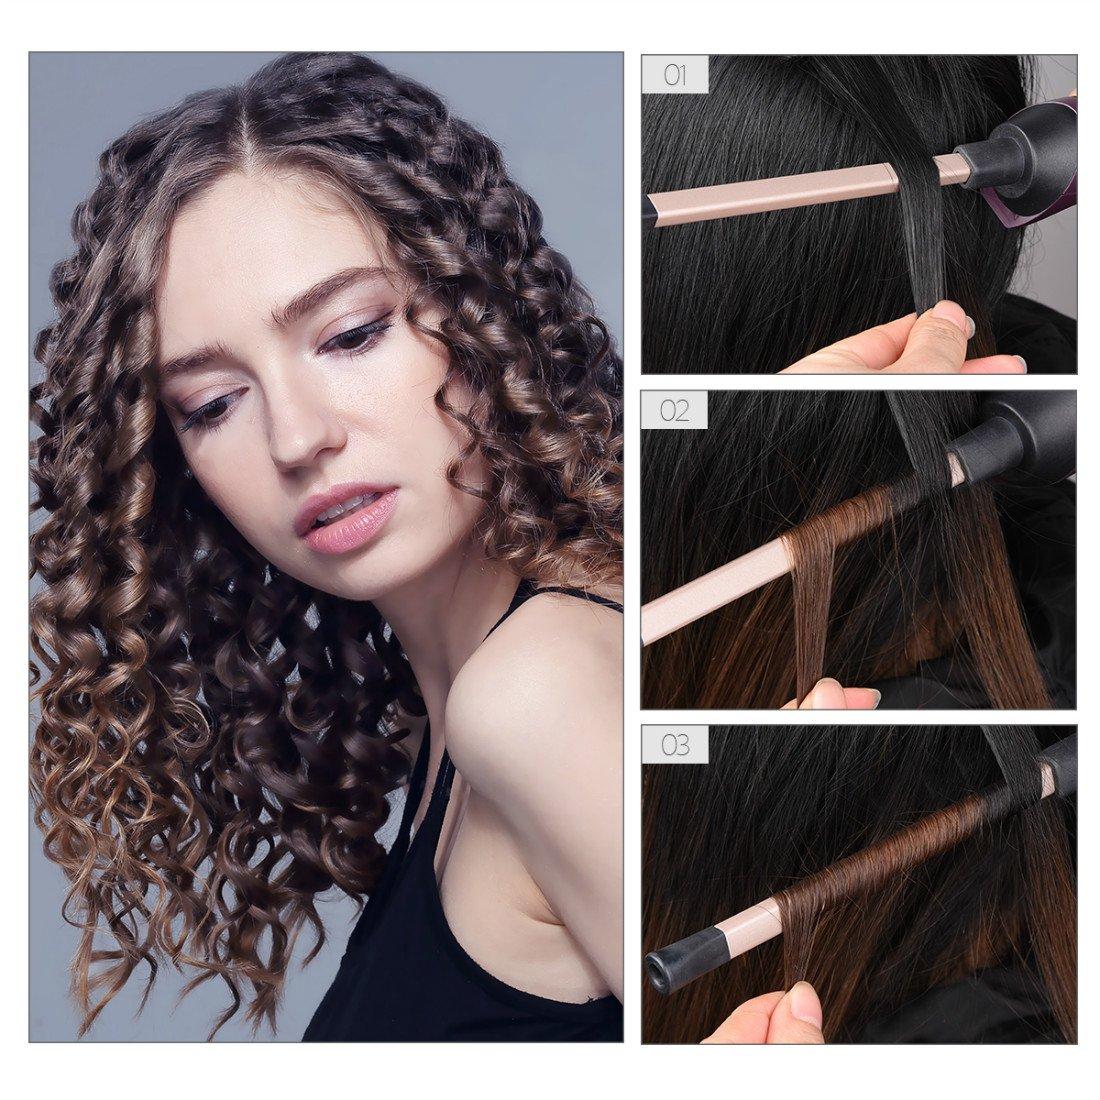 Rizador de Pelo, Rulos de Cerámica de 9 mm,LCD Digital Chop Stick Style Hair Curler-Para Hombre/Mujeres/Niños -Enchufe de la EU: Amazon.es: Salud y cuidado ...